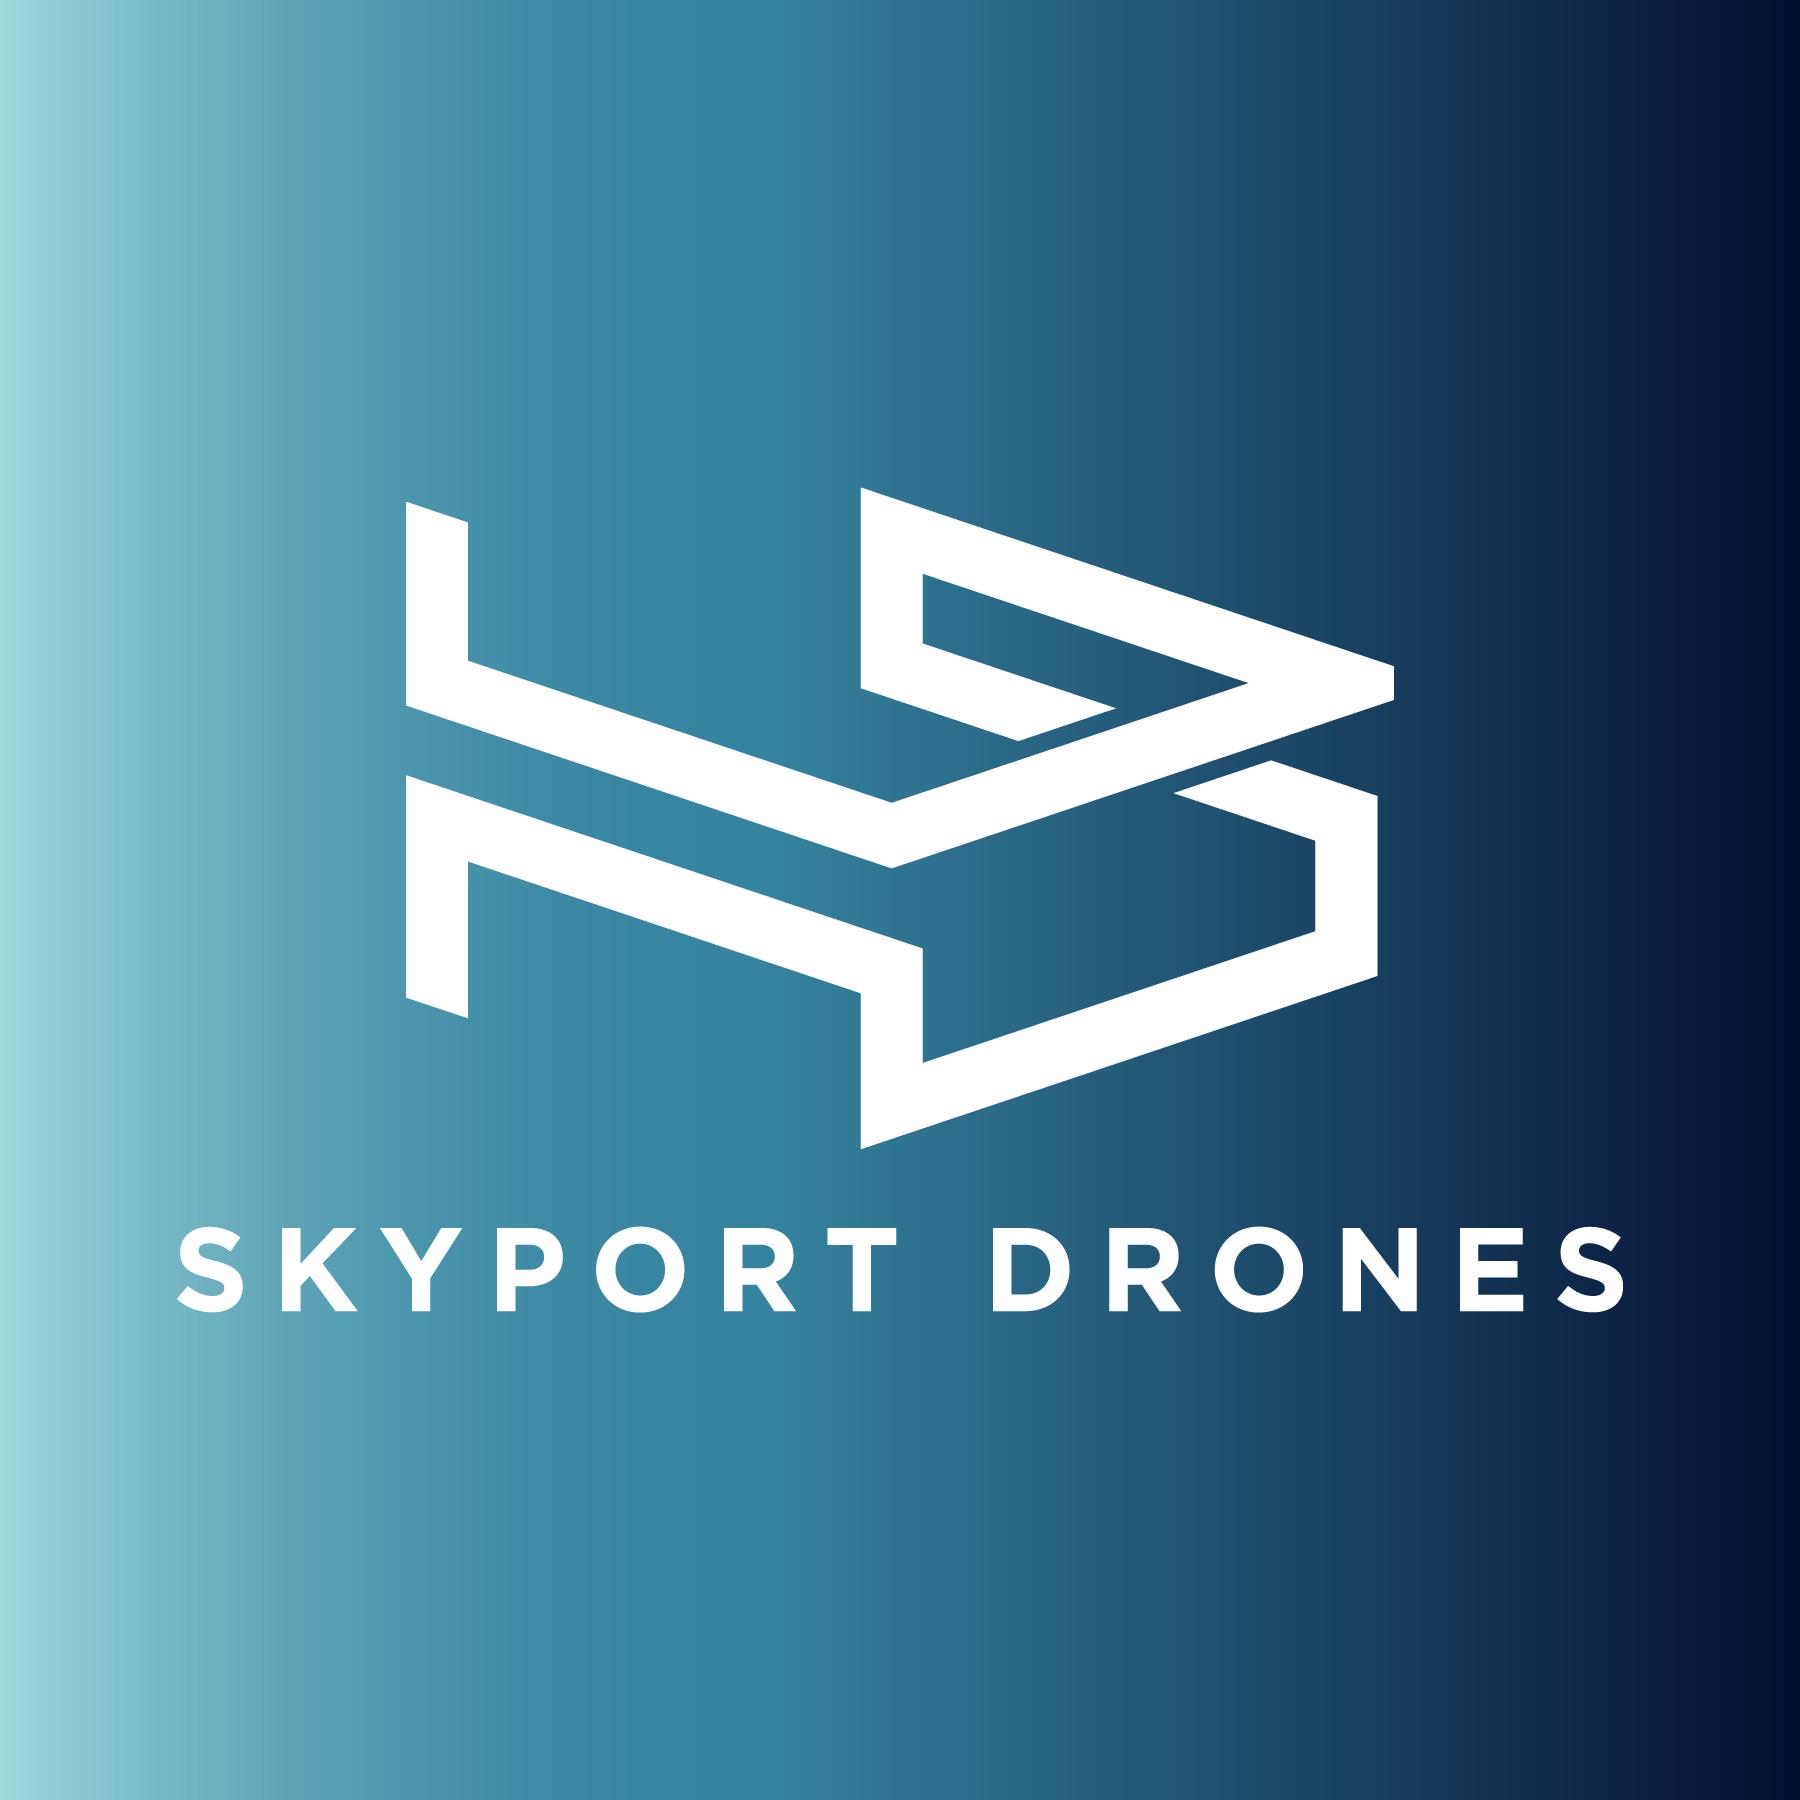 Skyport Drones Logo Download